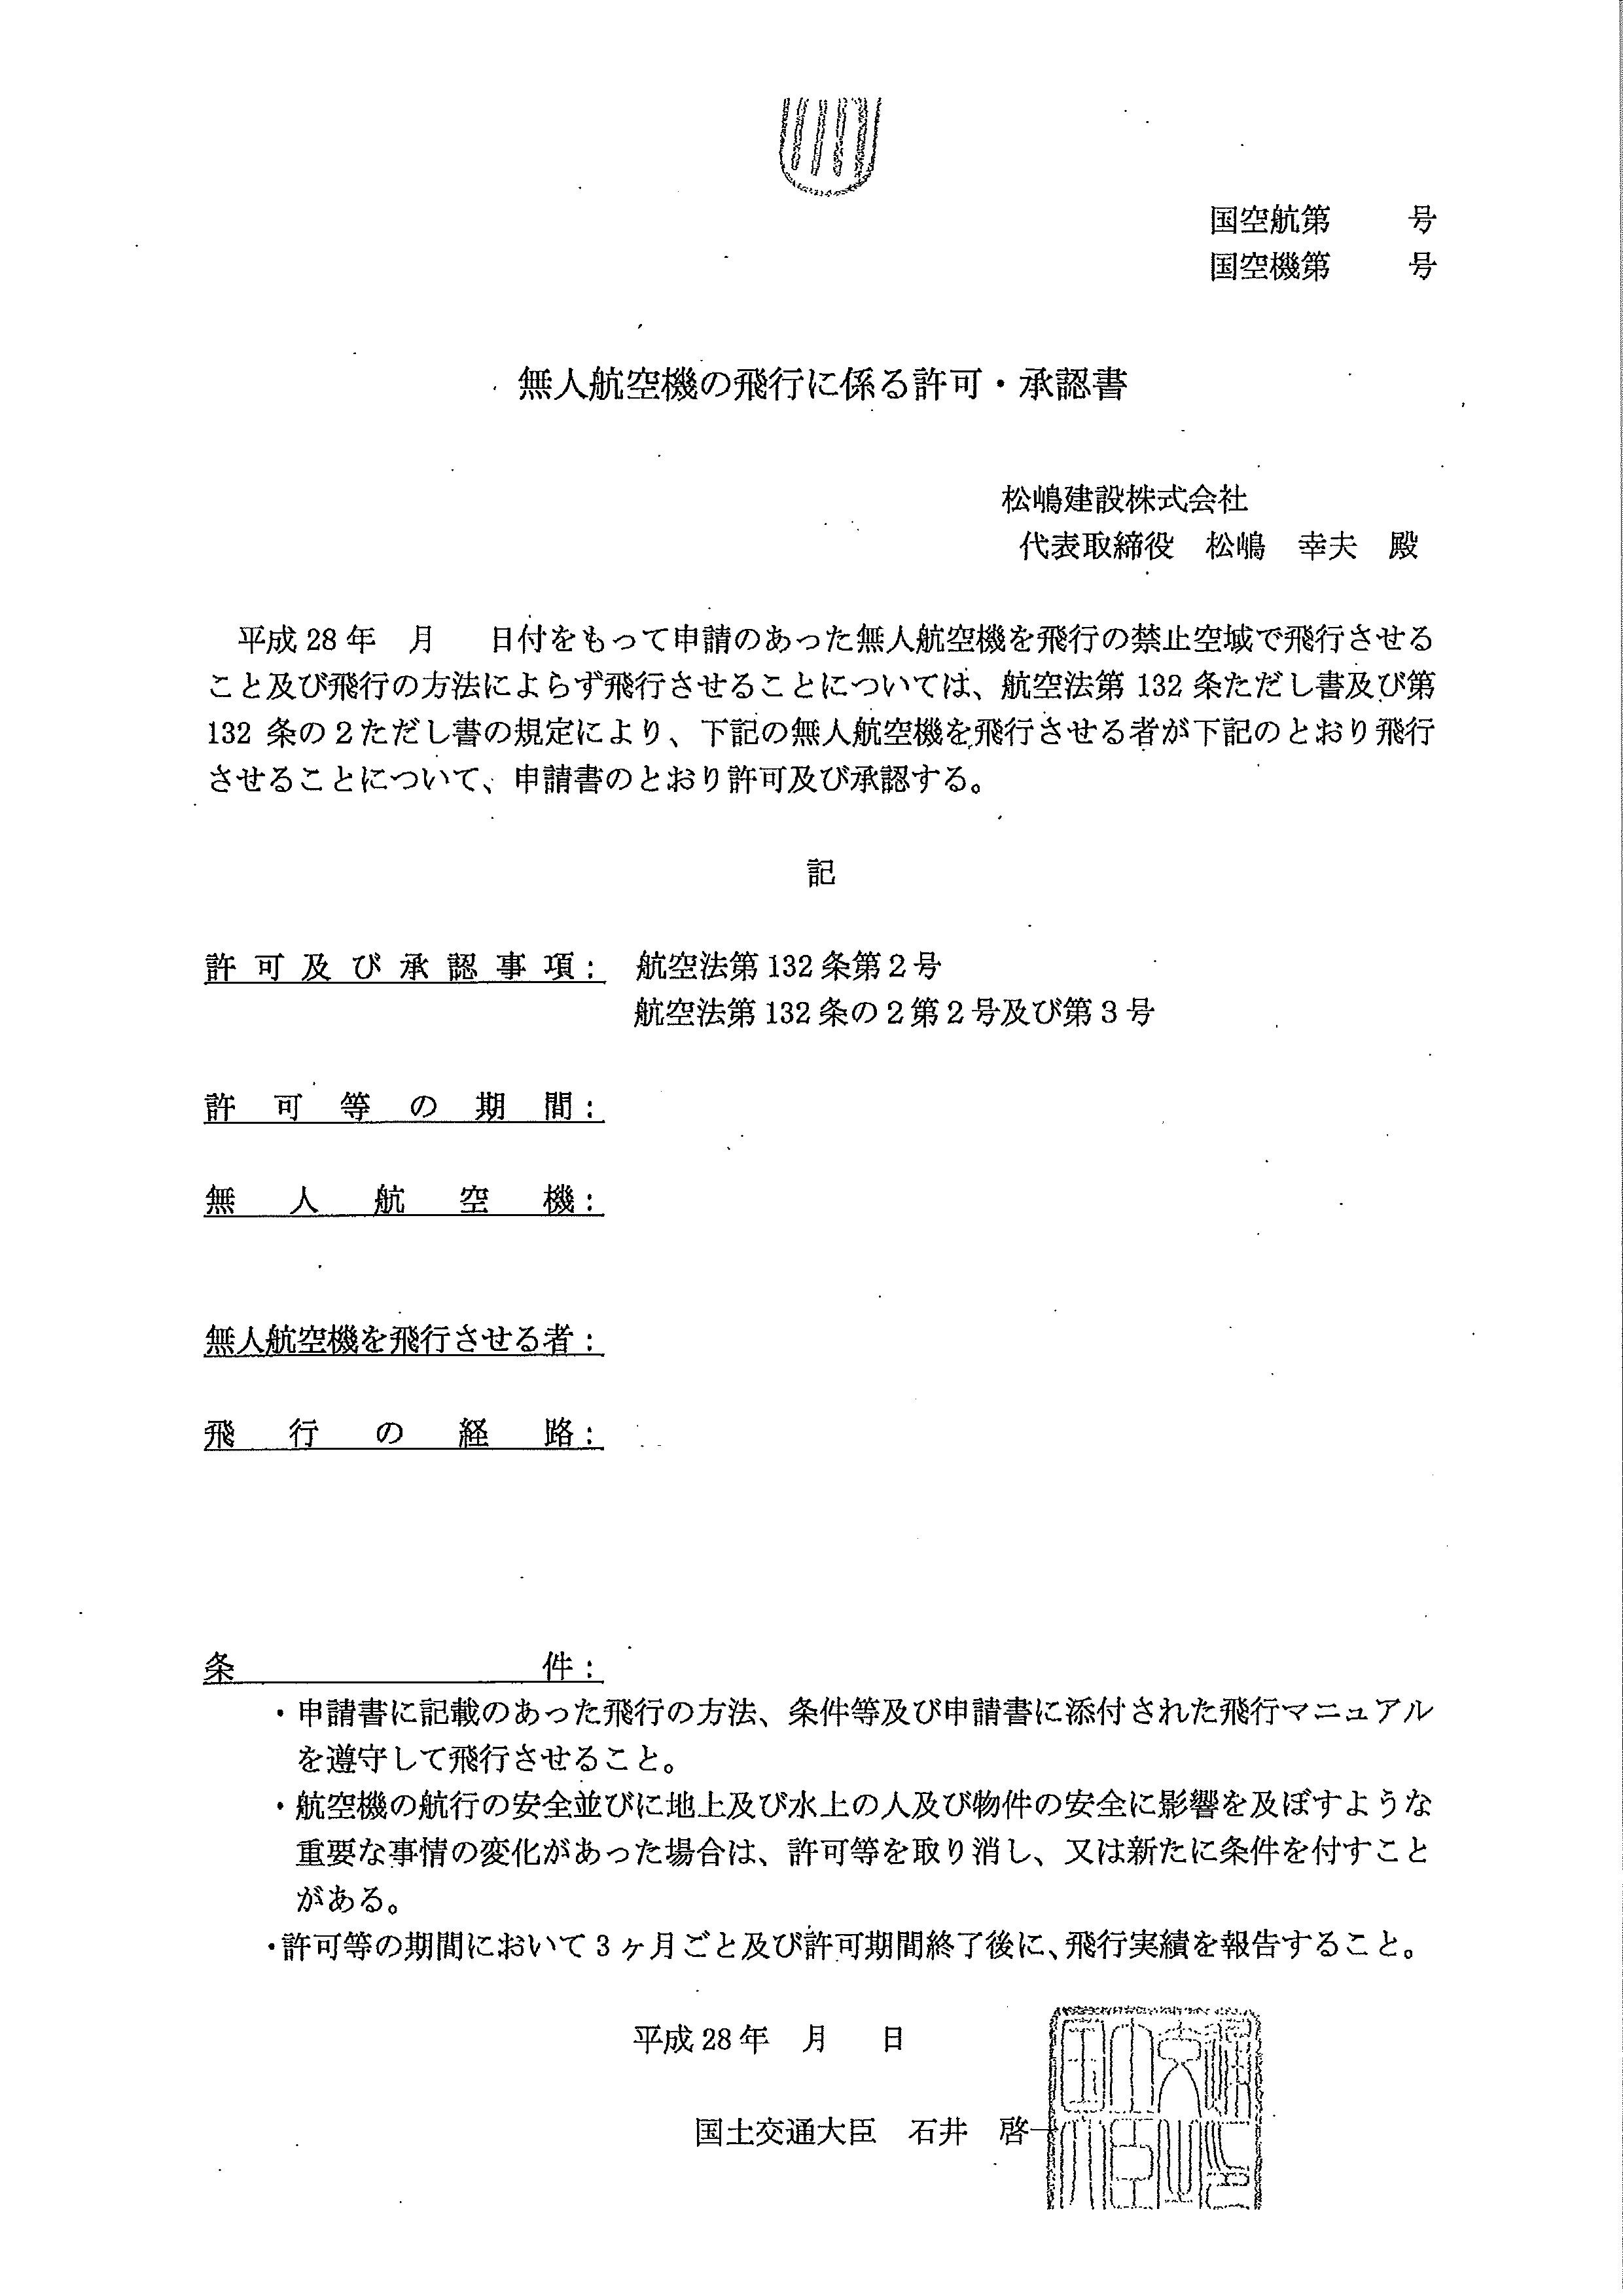 02-29無人飛行 許可承認書